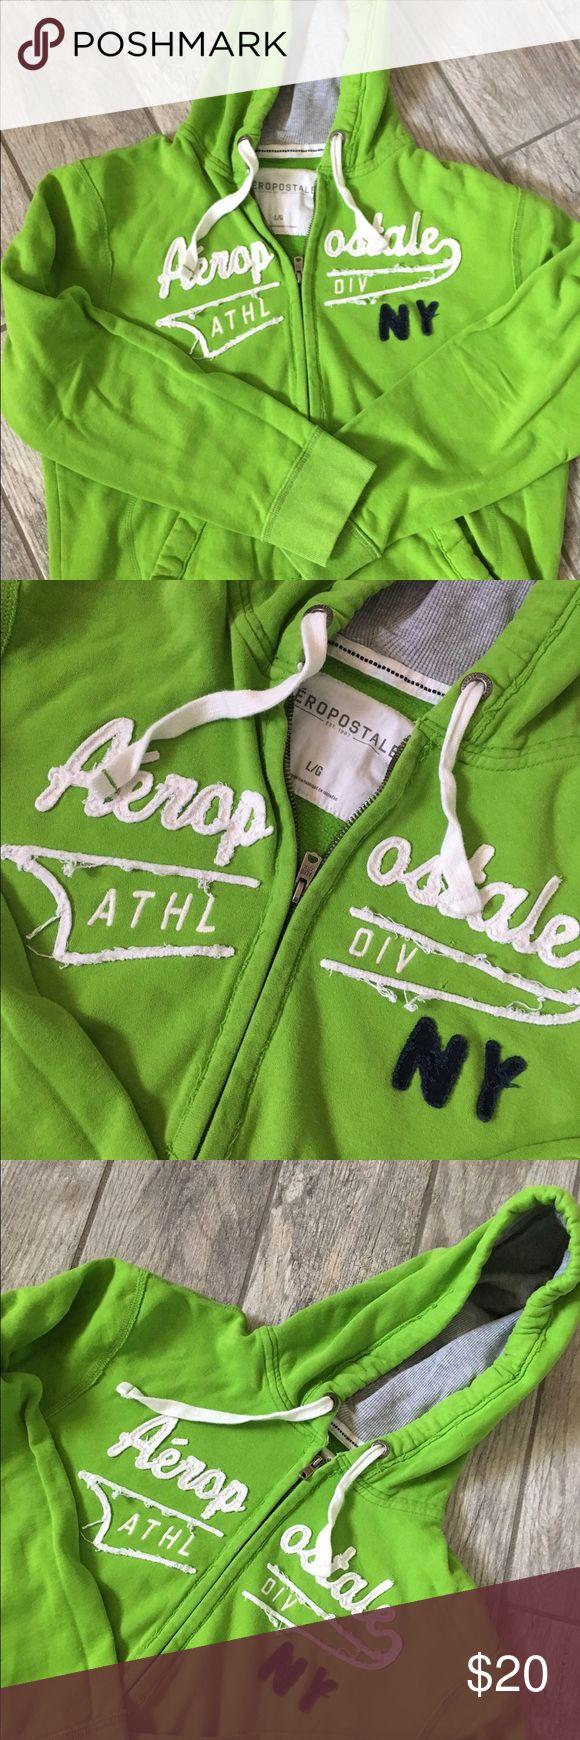 Aeropostale Unisex NY Zip Up Hoodie Bright green comfy zip up hoodie! Aeropostale Tops Sweatshirts & Hoodies